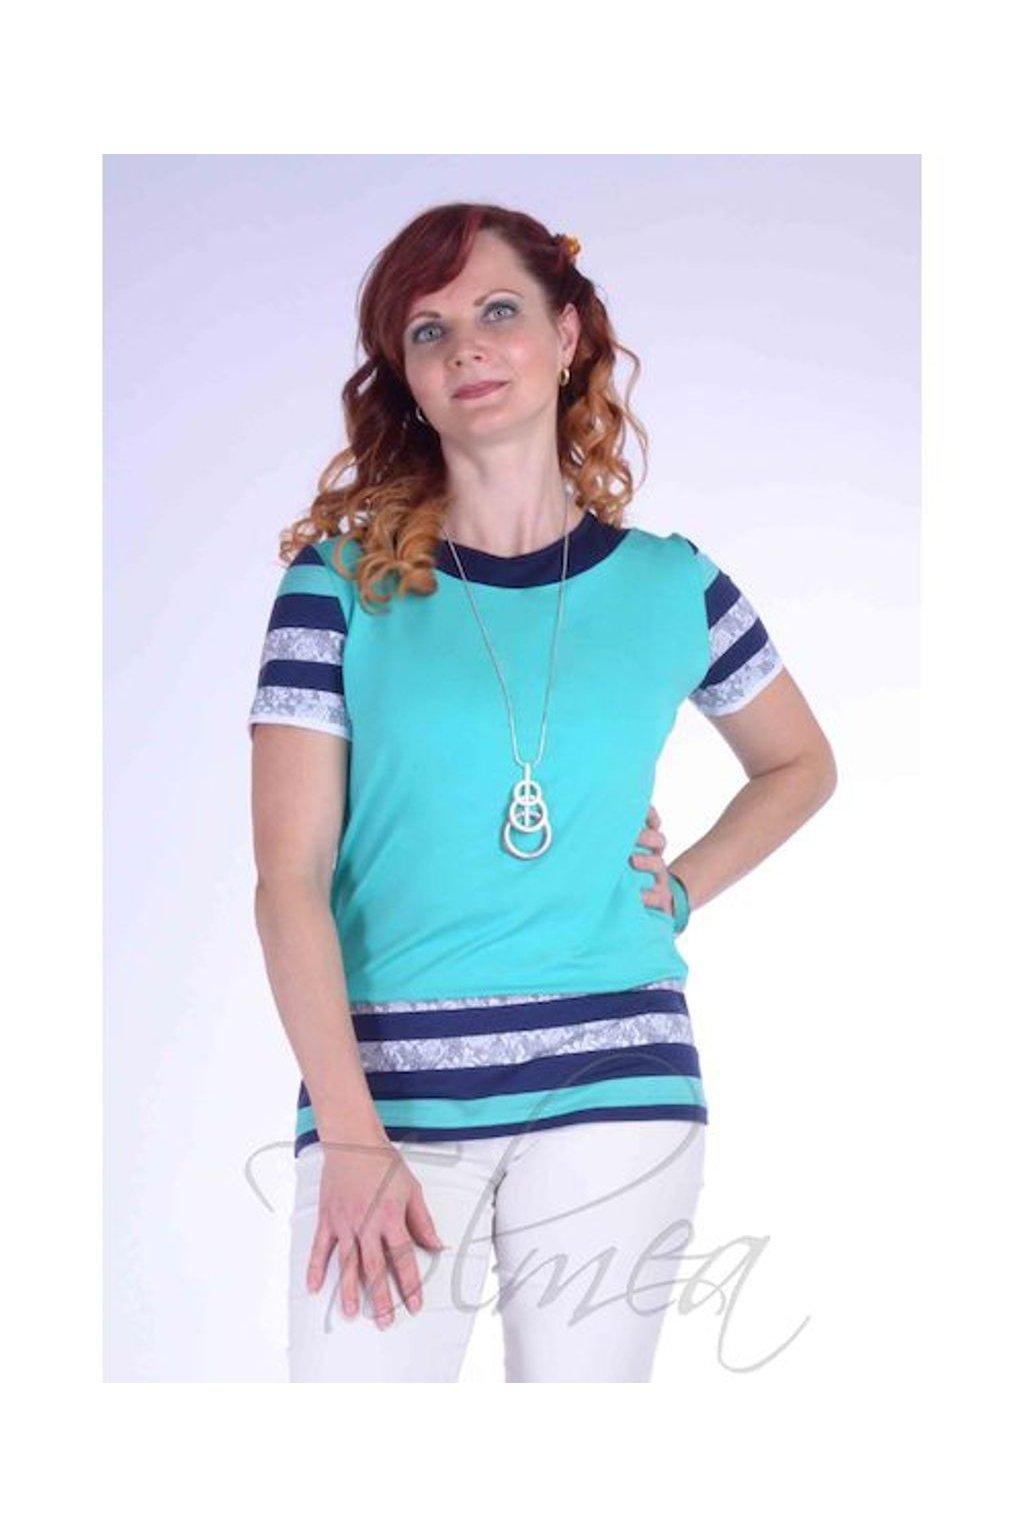 Tričko proužky 2118 (Velikost 36, Barva Tyrkysová)